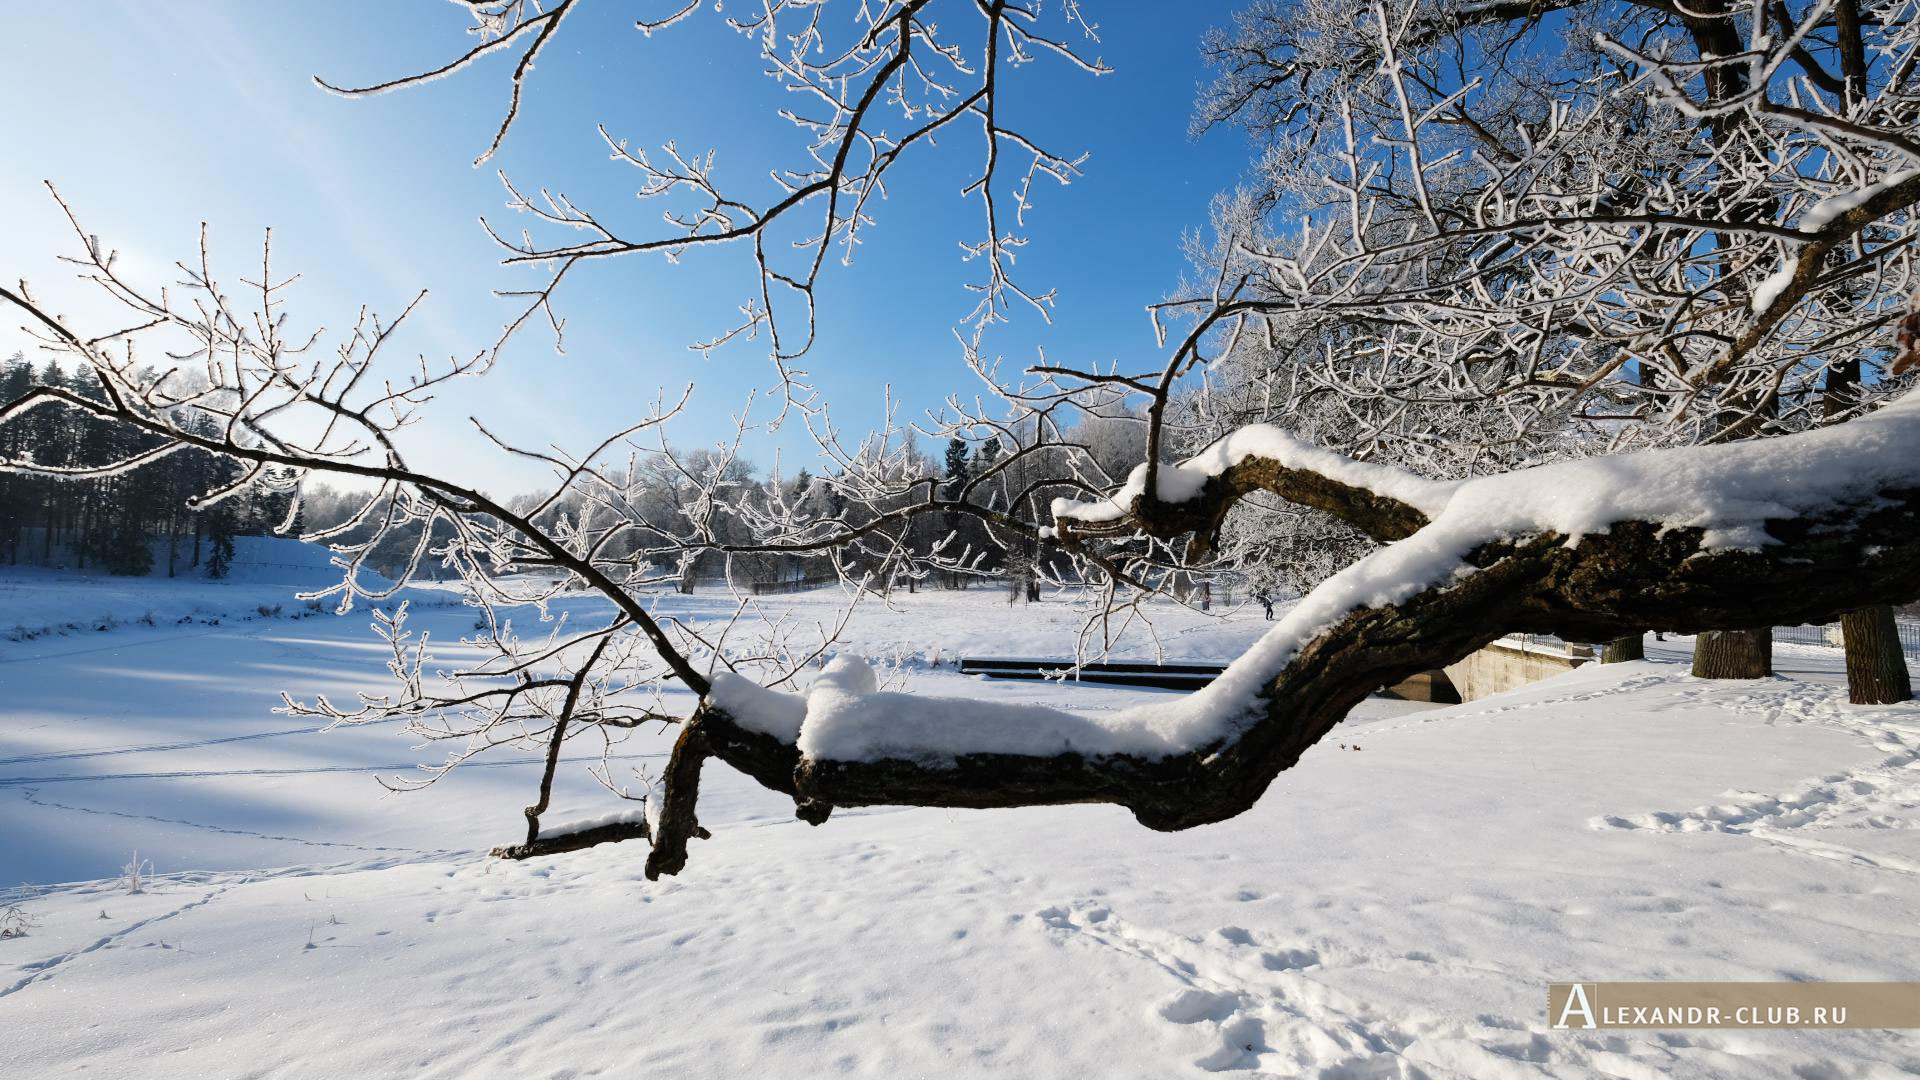 Павловск, зима, Павловский парк